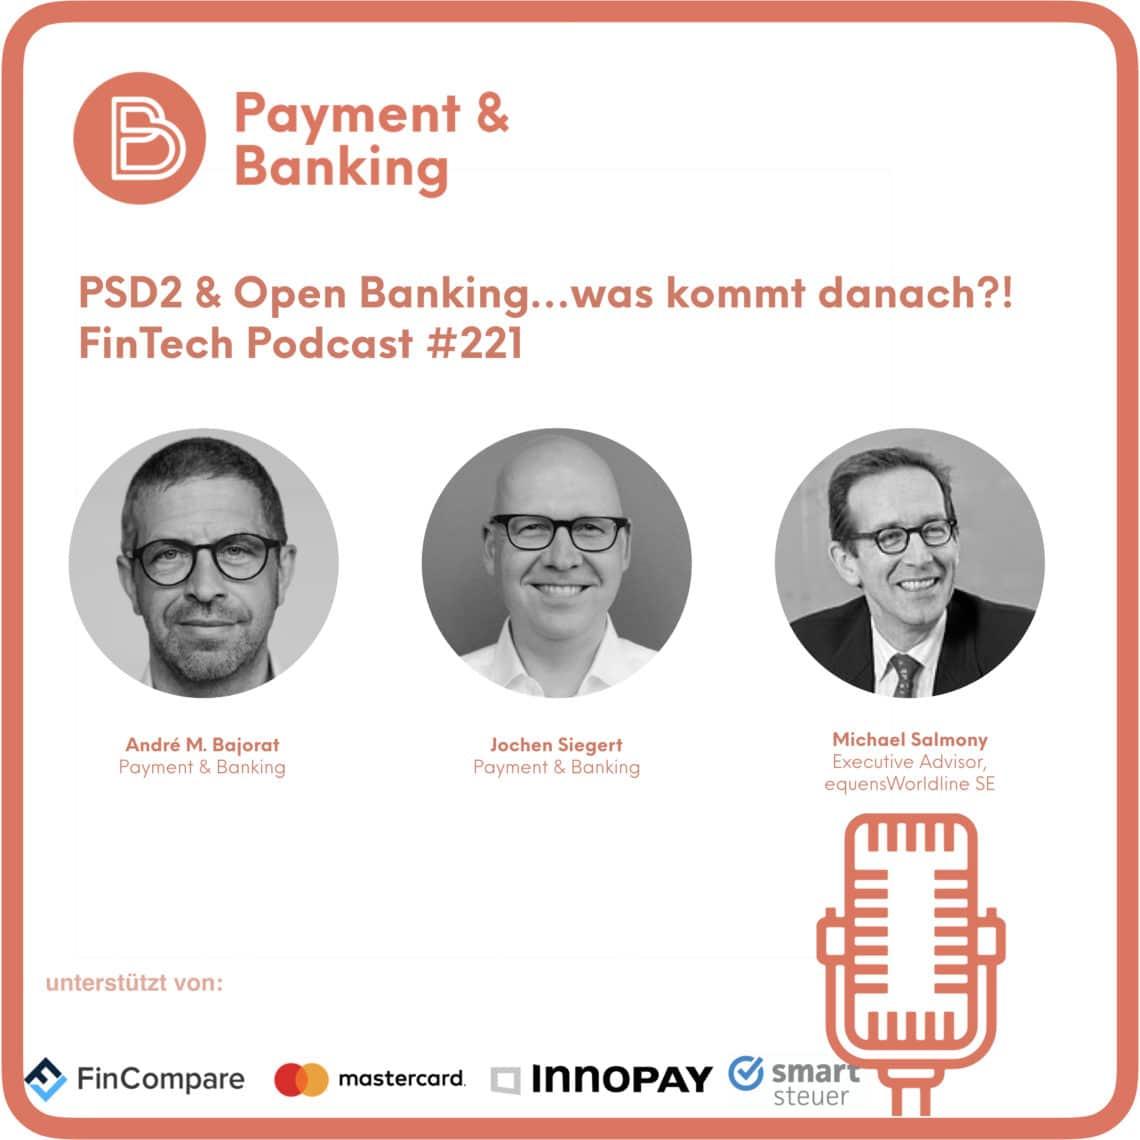 PSD2 & Open Banking - und was kommt danach...?! - FinTech Podcast #221